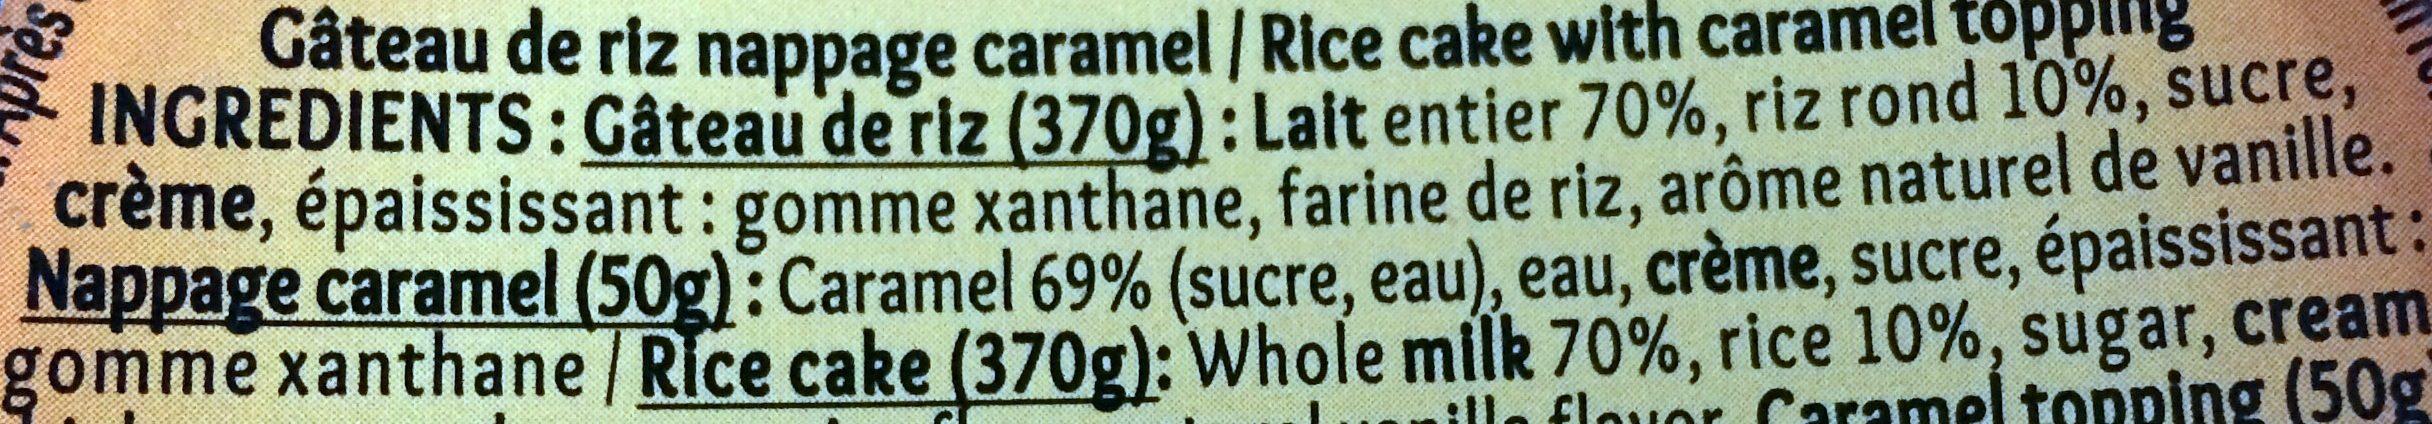 Mon gâteau de riz nappé de caramel - Ingredients - fr